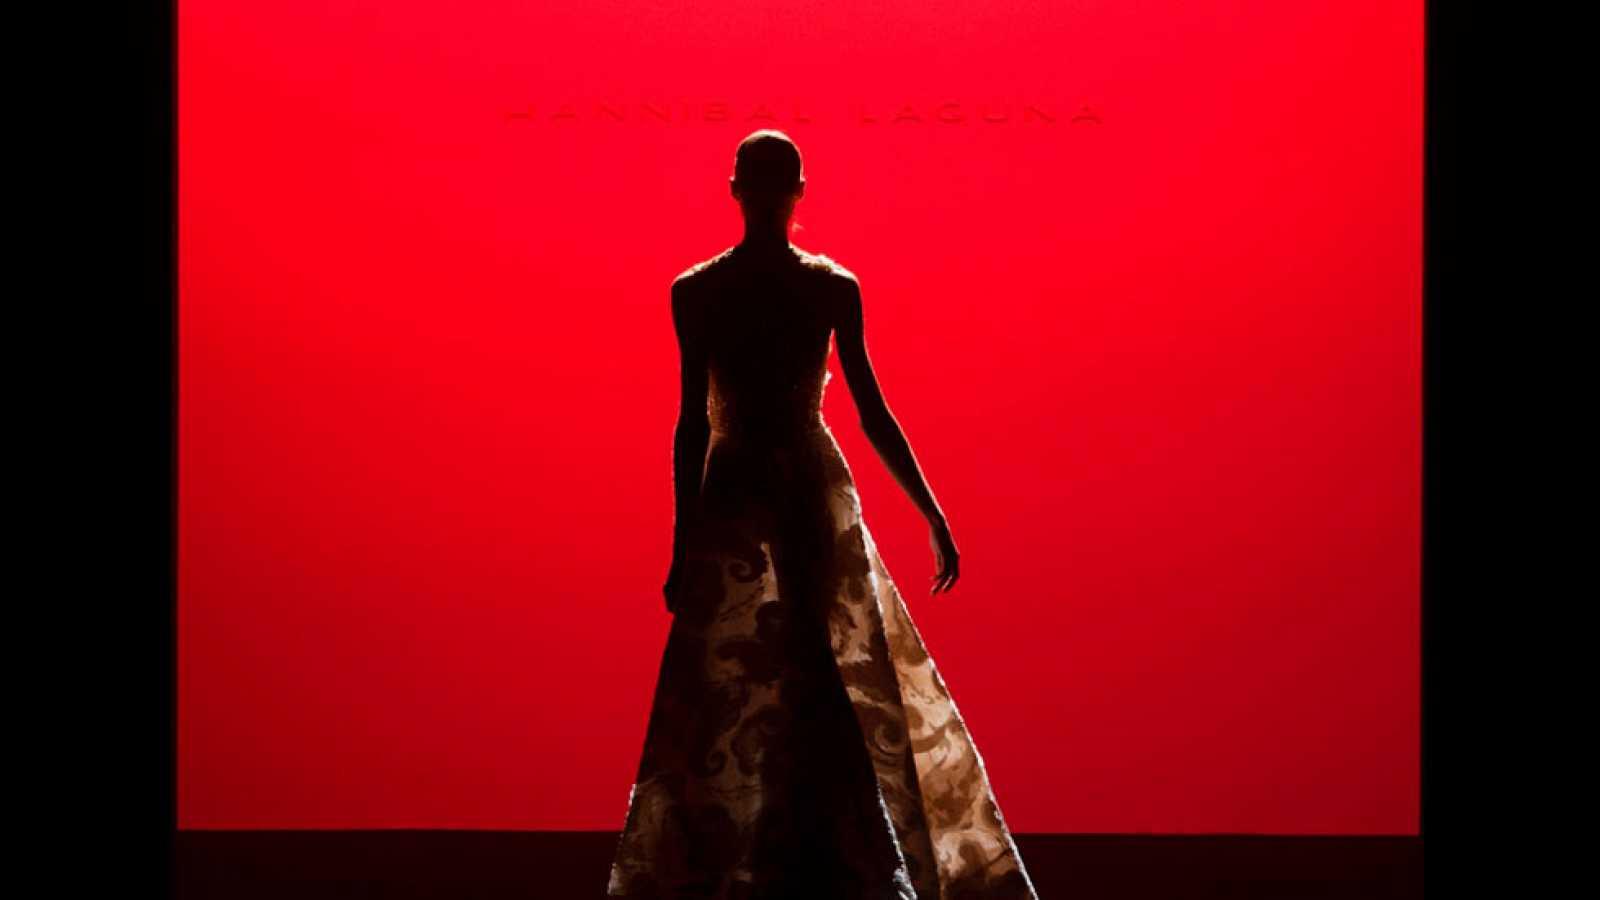 La moda y el arte se dan la mano en la Fashion Week madrileña